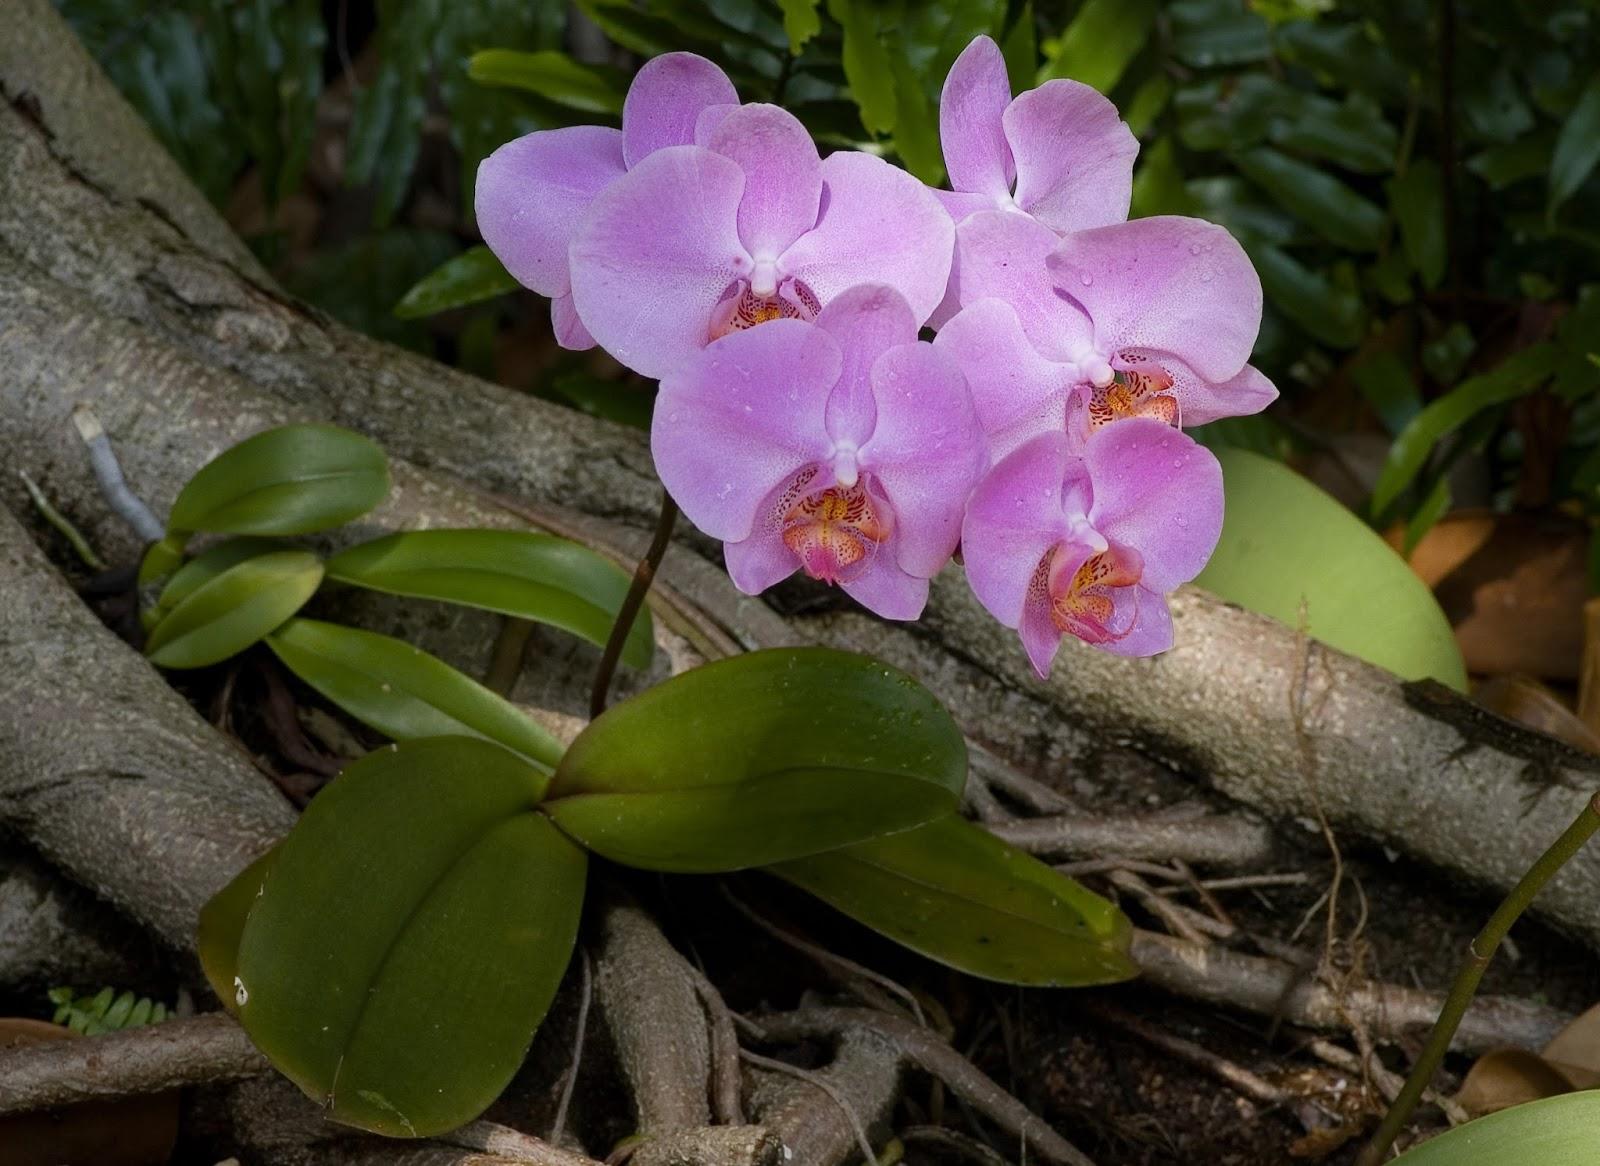 Peces y plantas ornamentales phalaenopsis orqu deas for Raices ornamentales